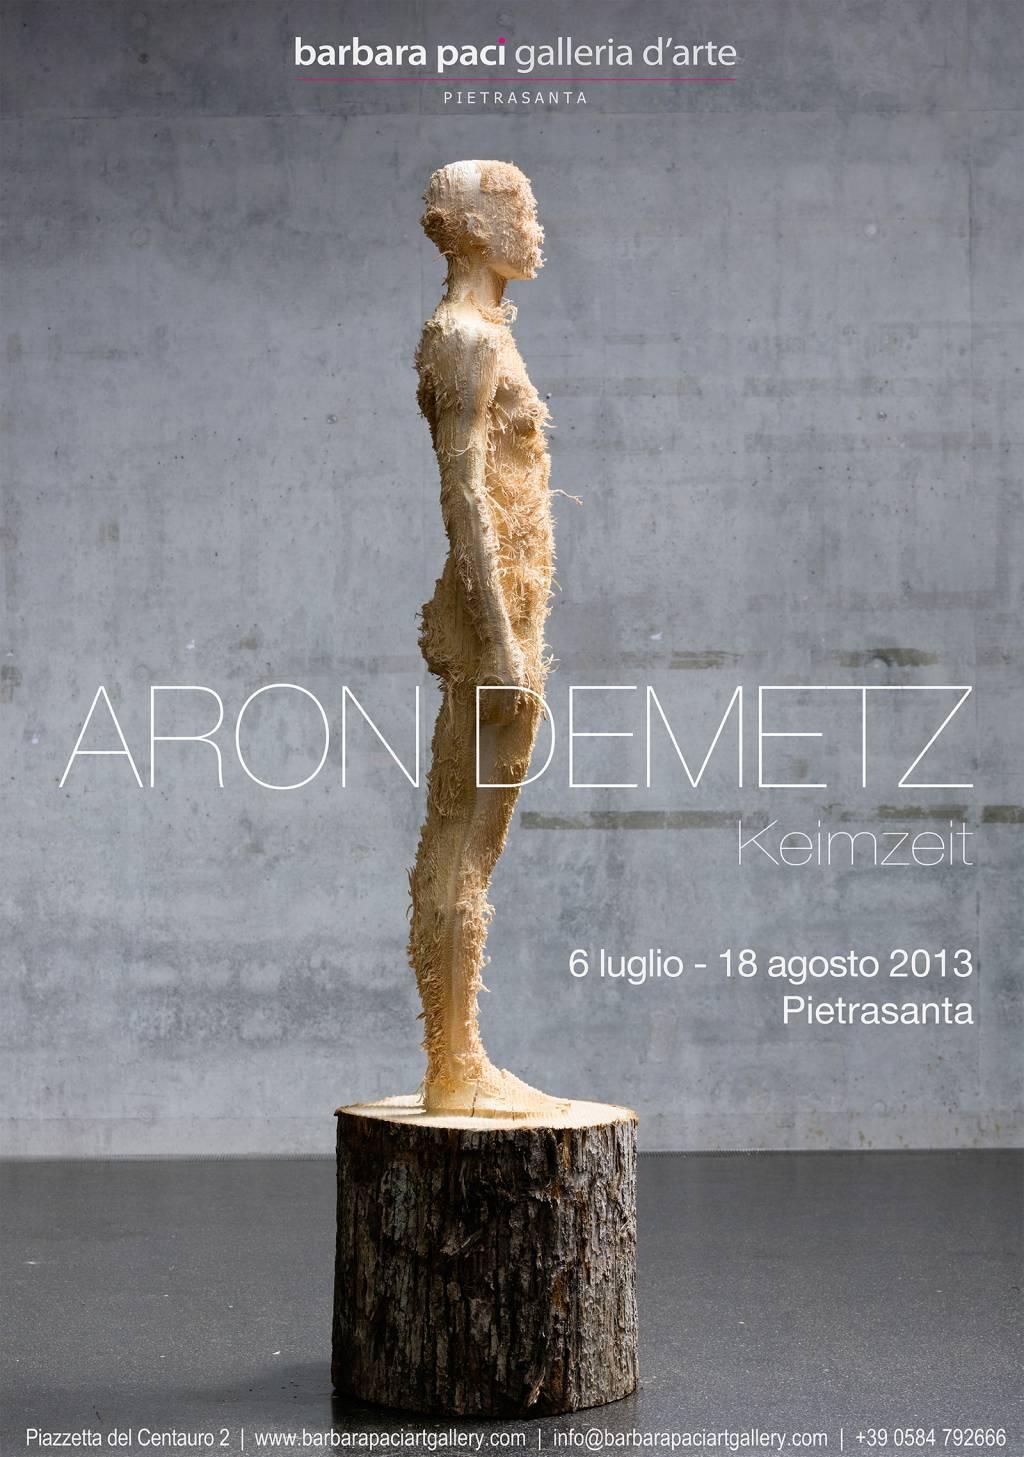 Aron Demetz - Keimzeit - Barbara Paci Galleria d